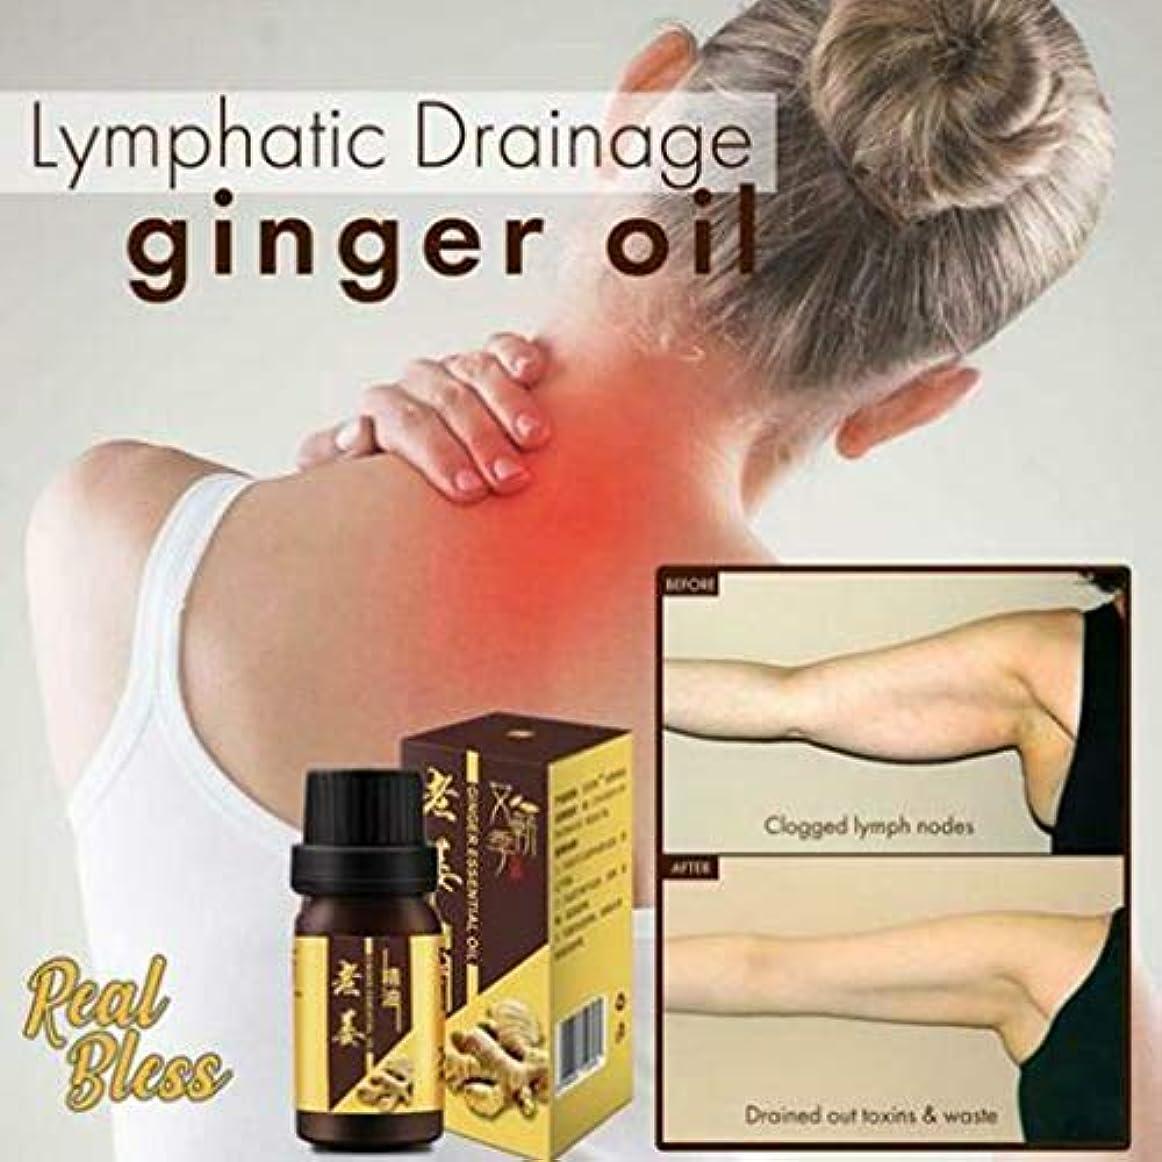 北東スティックペフZooArts ジンジャーエッセンシャルオイル 精油 100%ピュアナチュラル ジンジャーオイル スパマッサージオイル ジンジャーオイルオーガニック Slimming Fat Miracle Ginger Oil 10ml